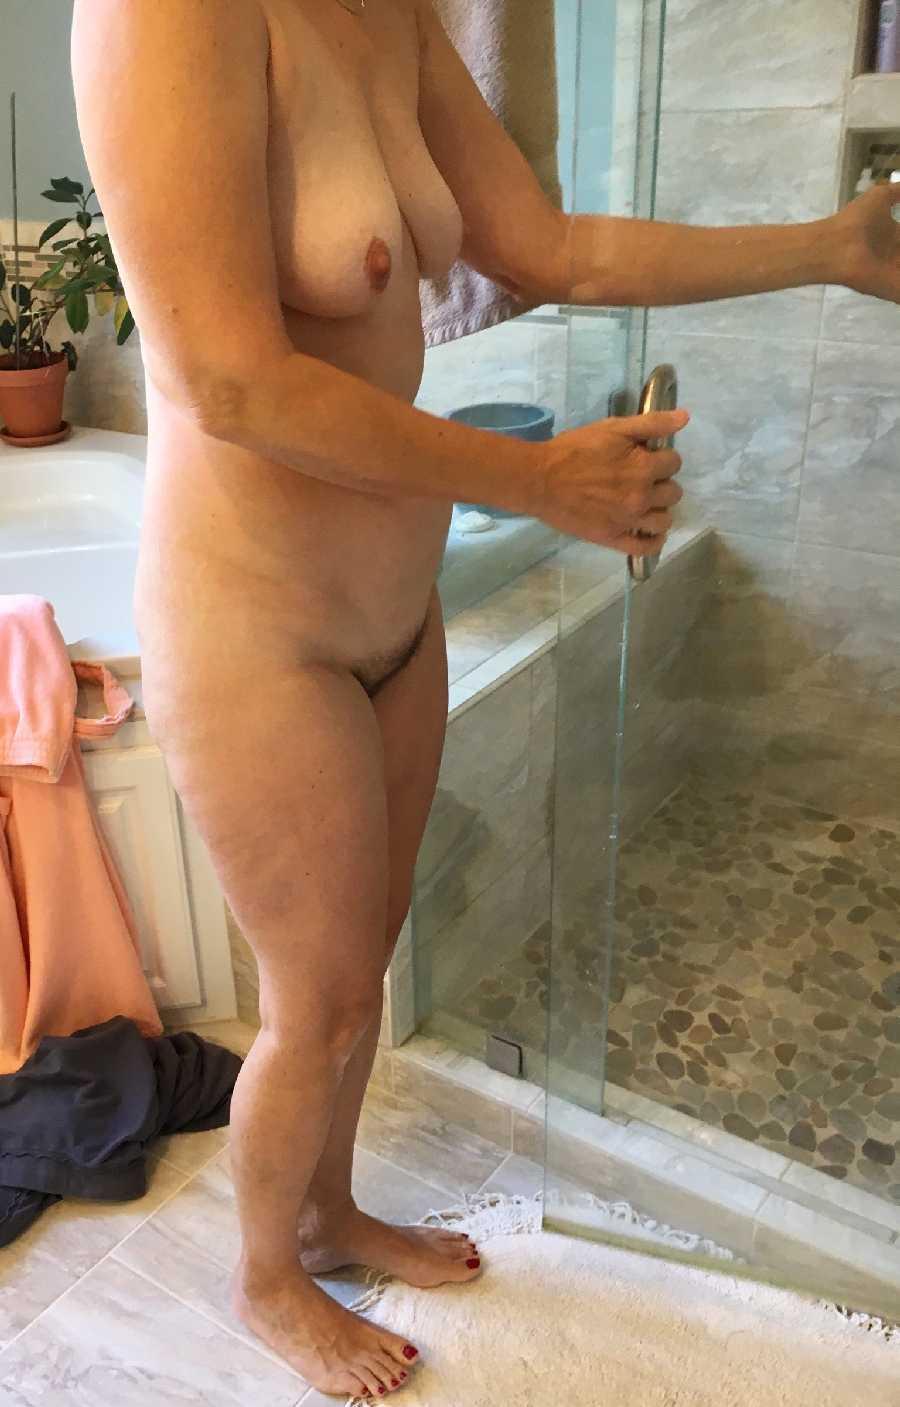 Dark Blue Panties & Shower Prep